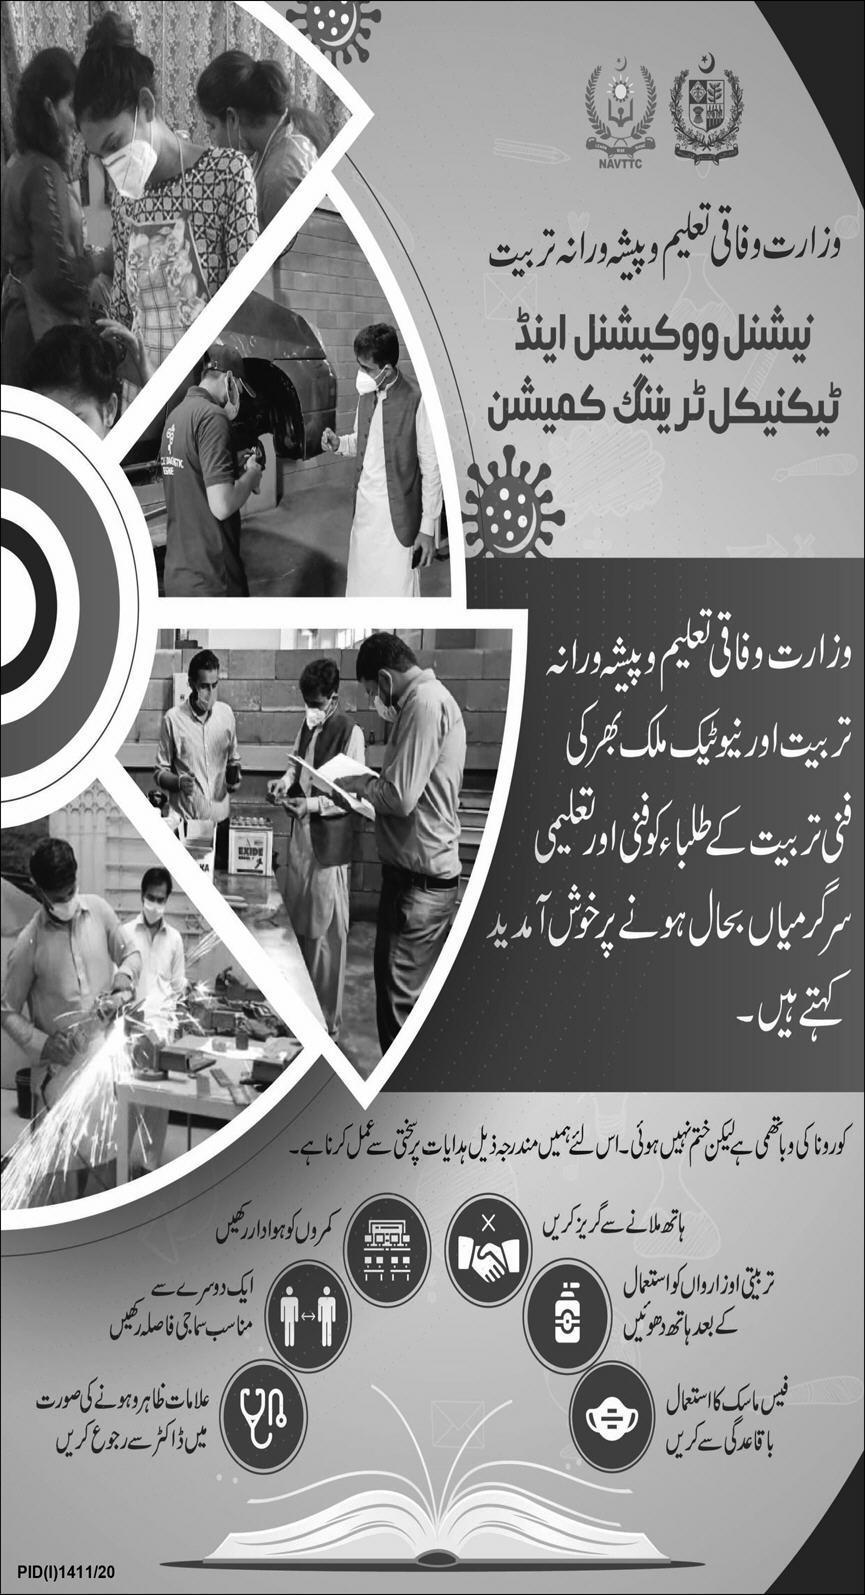 PM Kamyab Program NAVTTC